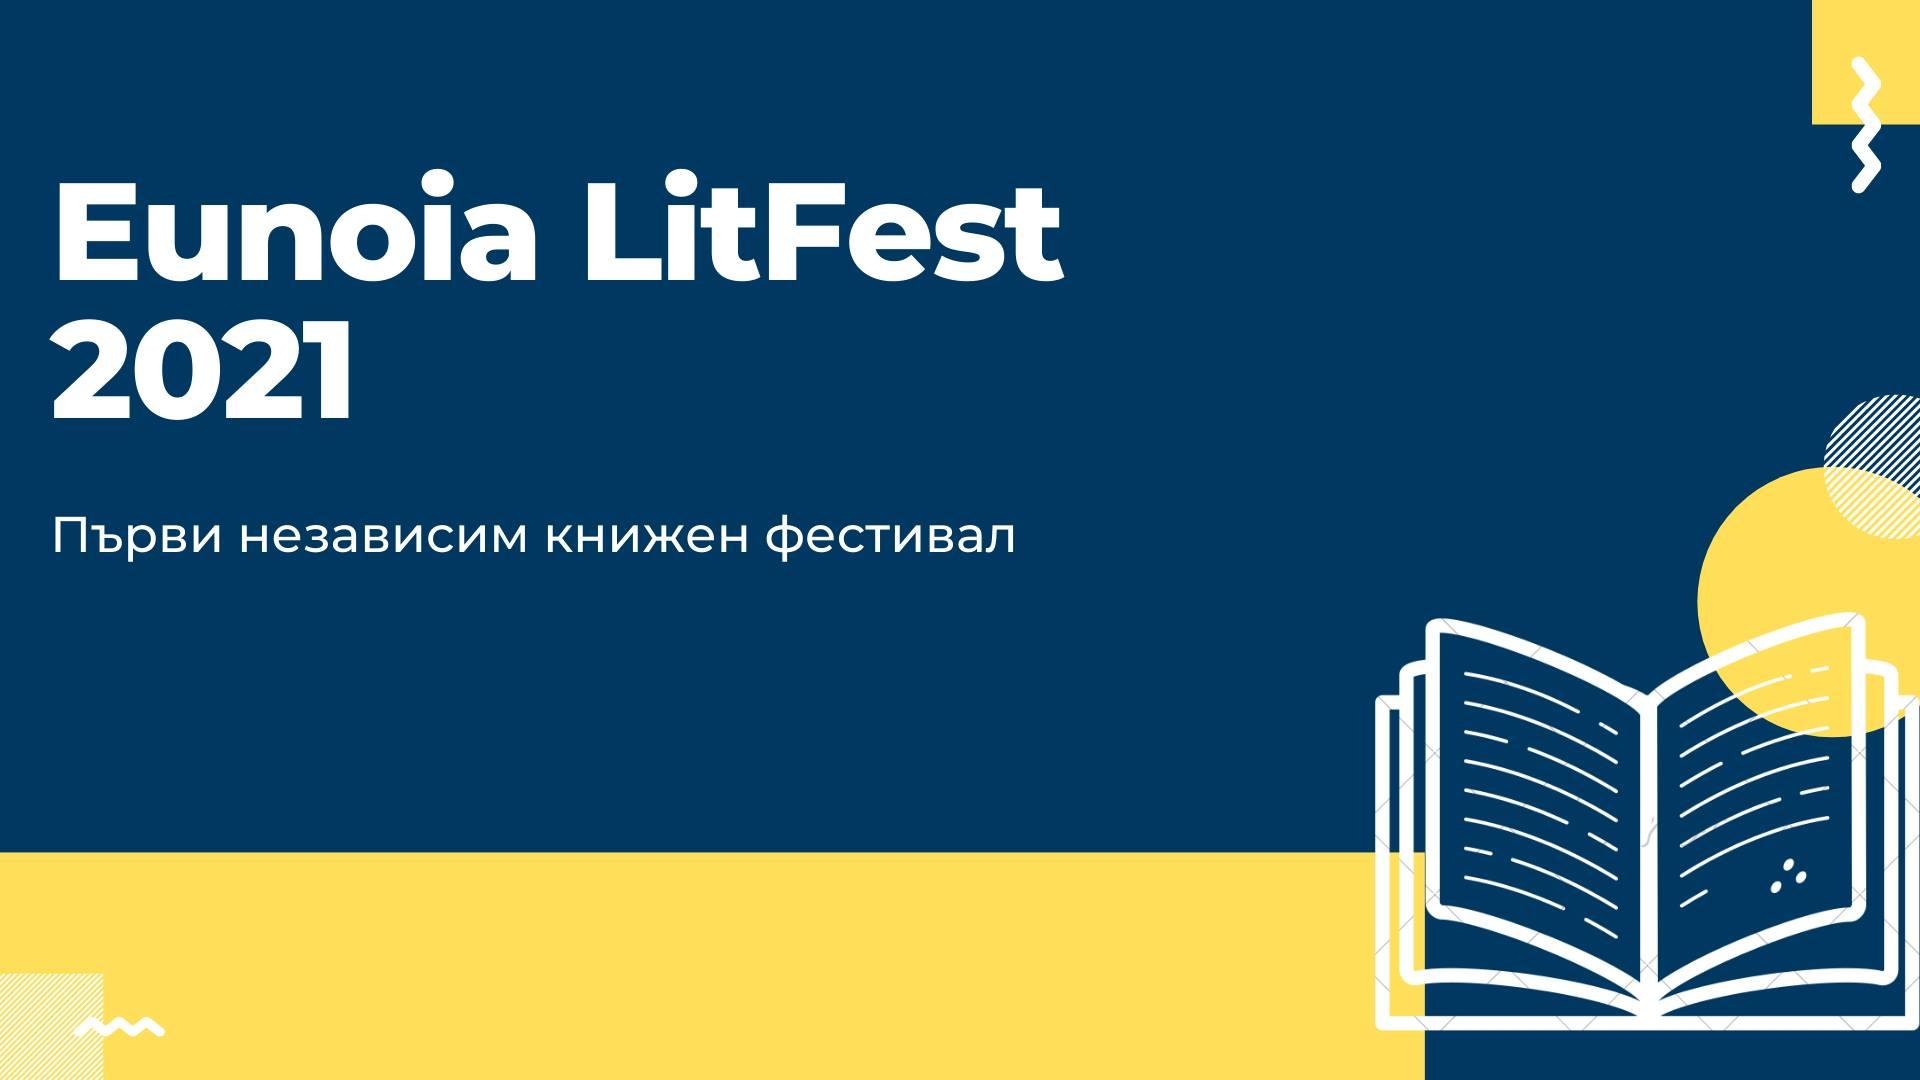 първи независим книжен фестивал